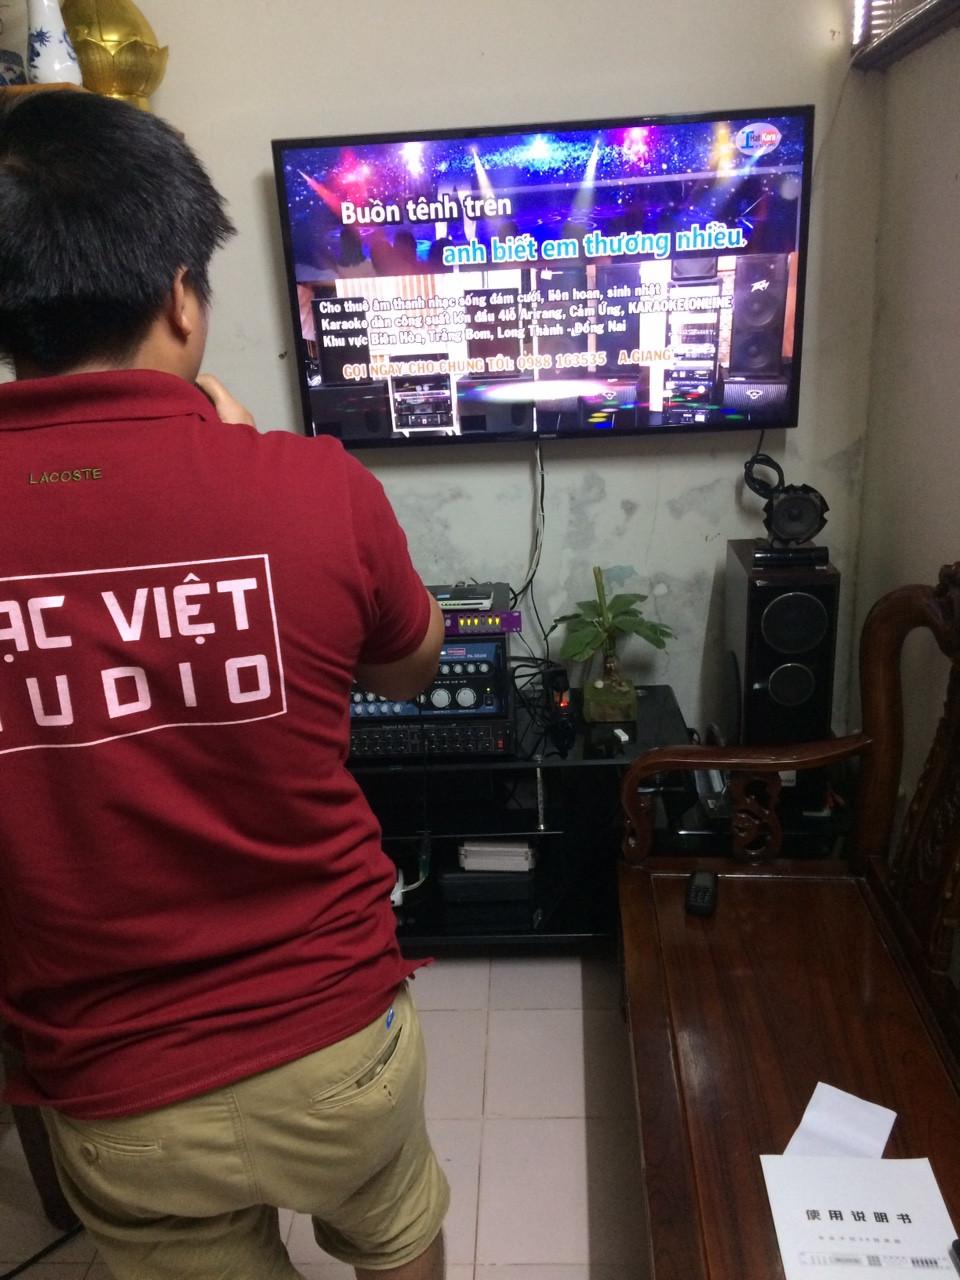 Kỹ thuật viên Lạc Việt audio đang chỉnh âm thanh